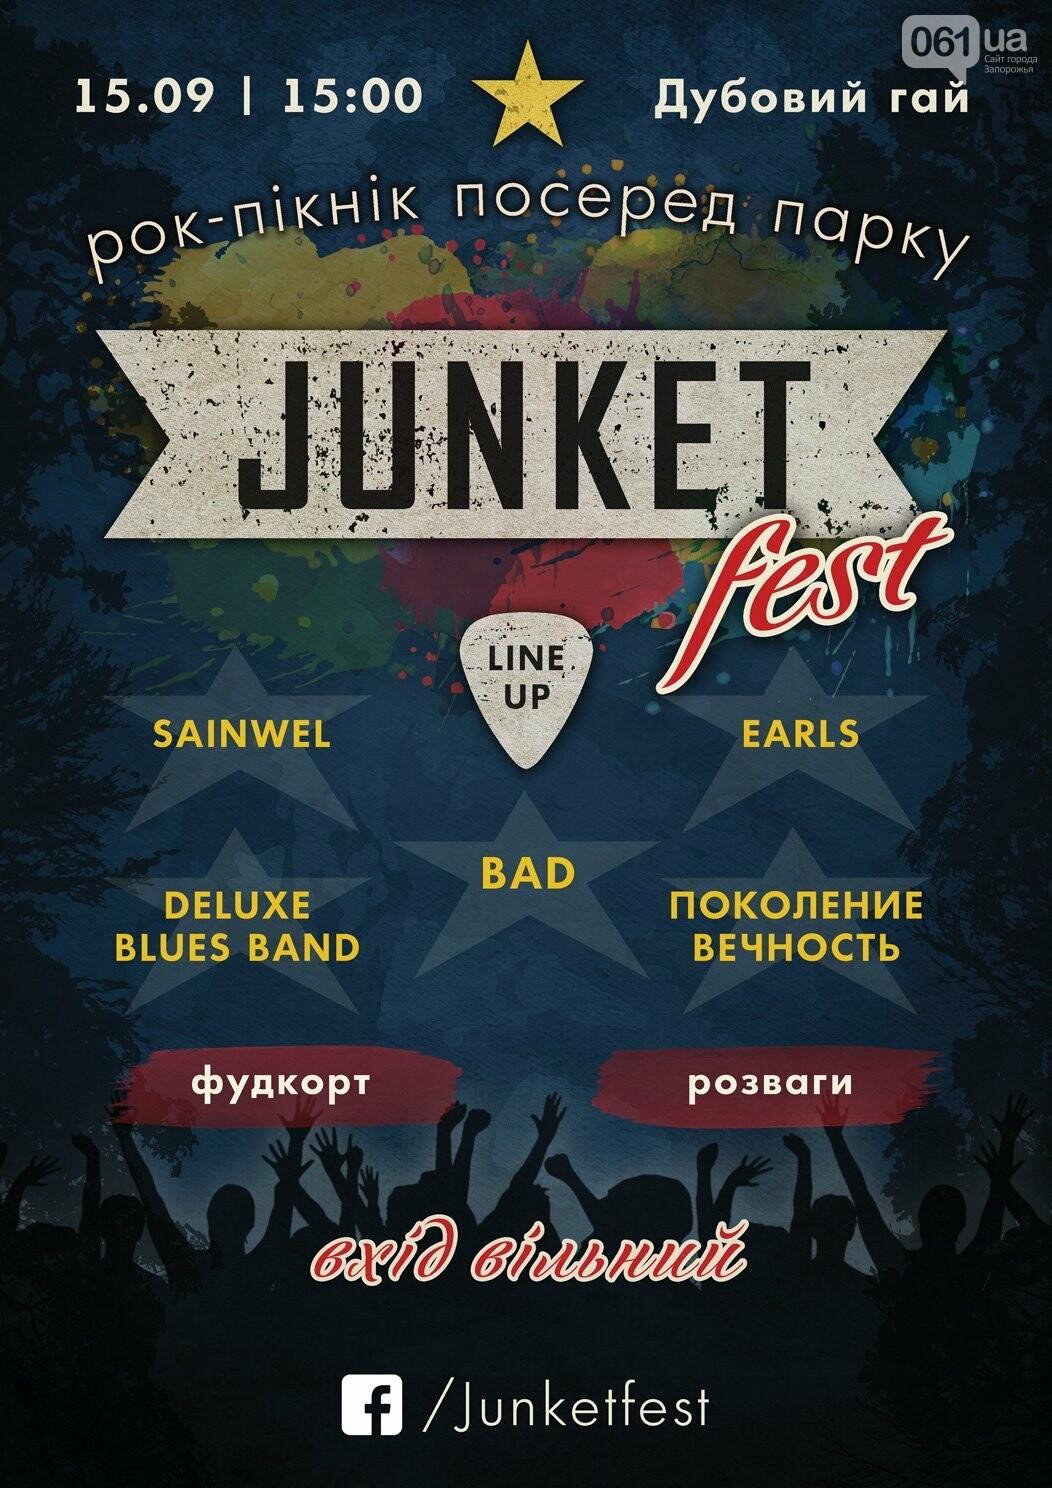 """""""JUNKET fest"""": в запорожской Дубовке пройдет рок-фестиваль без алкоголя, фото-1"""